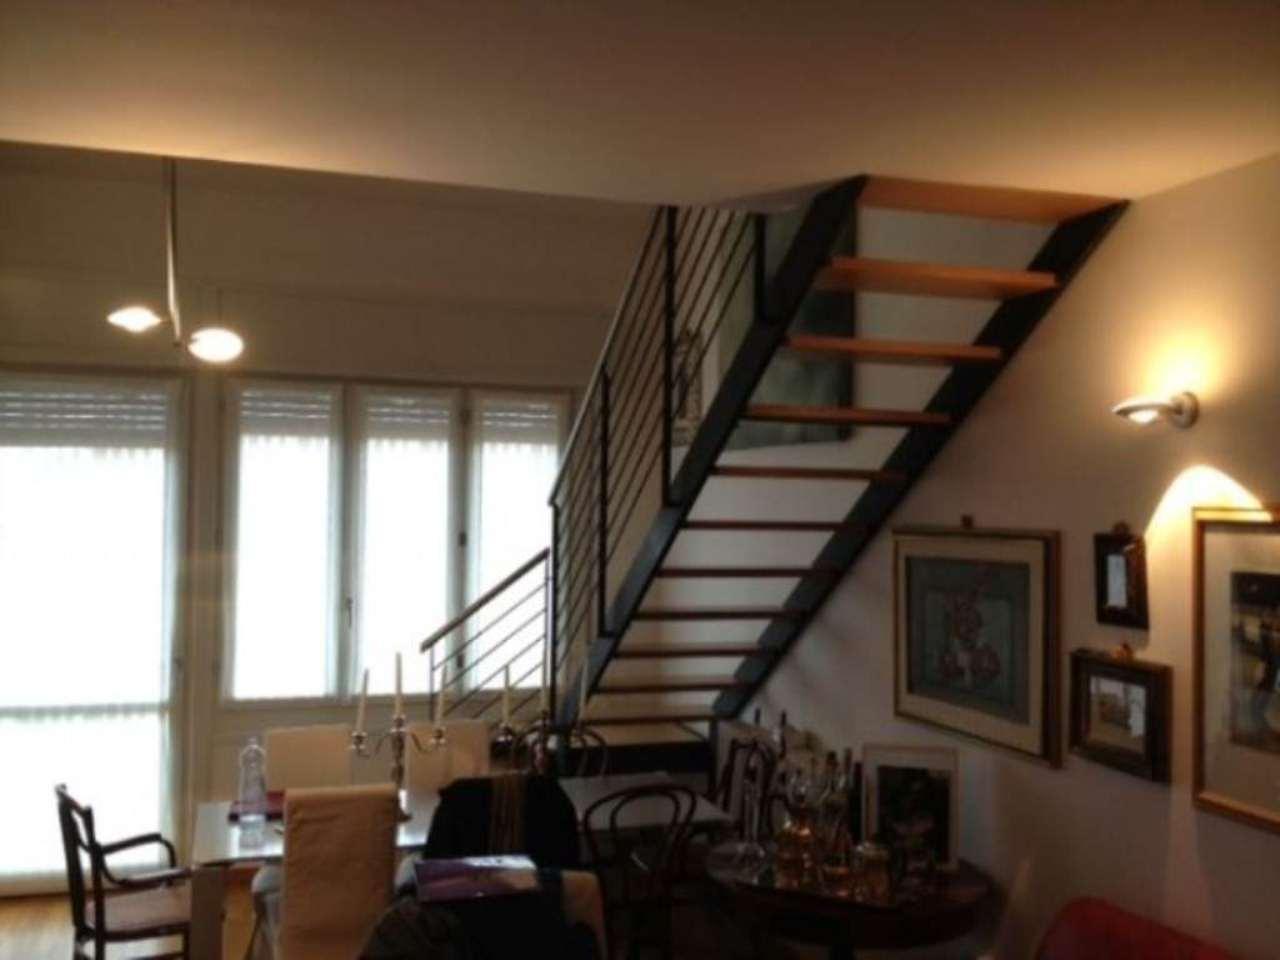 Appartamento in vendita a Bologna, 5 locali, zona Zona: 8 . San Ruffillo, Toscana, prezzo € 440.000 | Cambio Casa.it